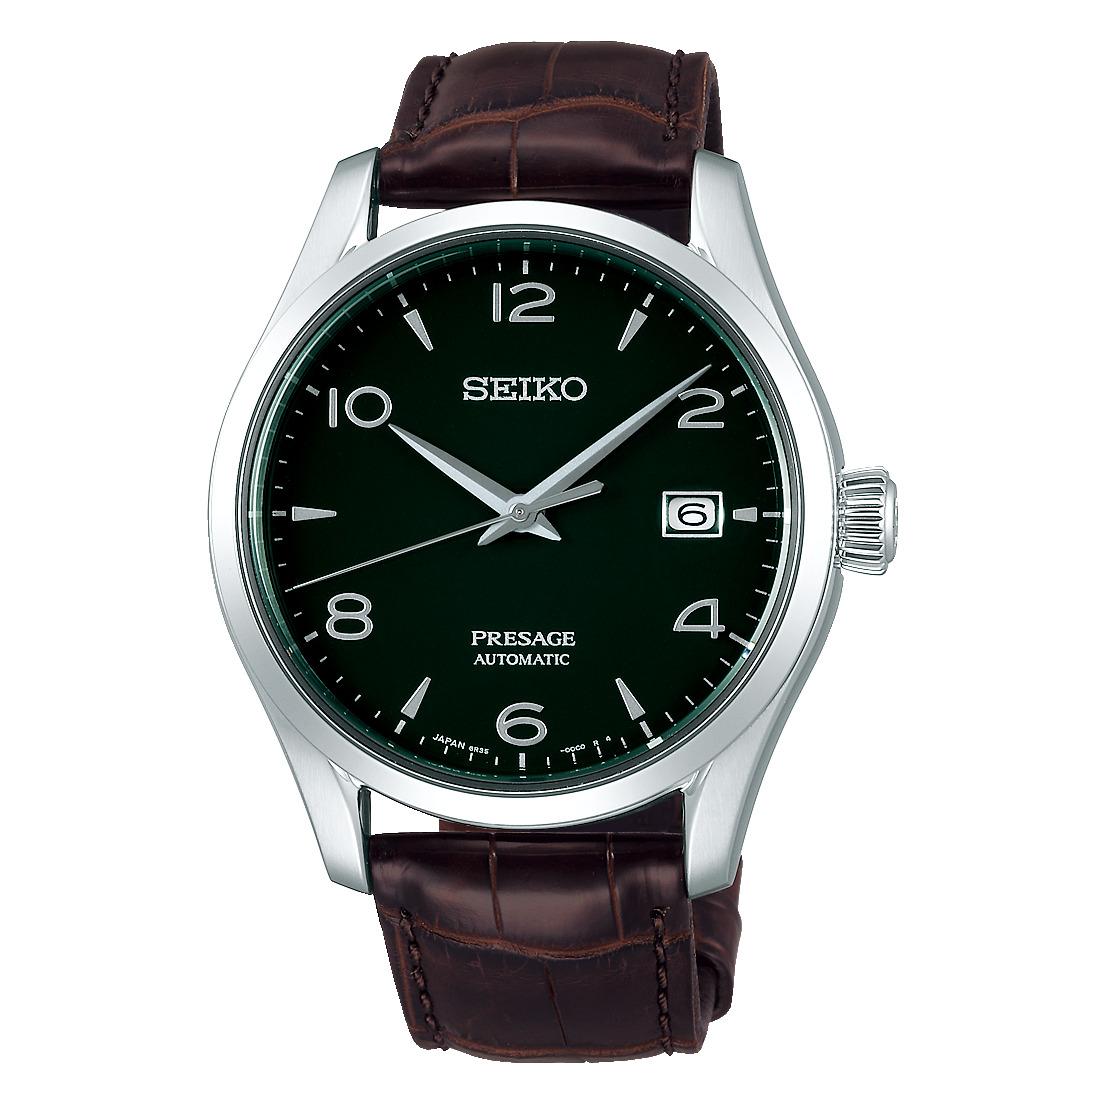 プレザージュ PRESAGE セイコー SEIKO SARX063 プレステージライン Green Enamel Dial Limited Edition 限定2000本 正規品 腕時計